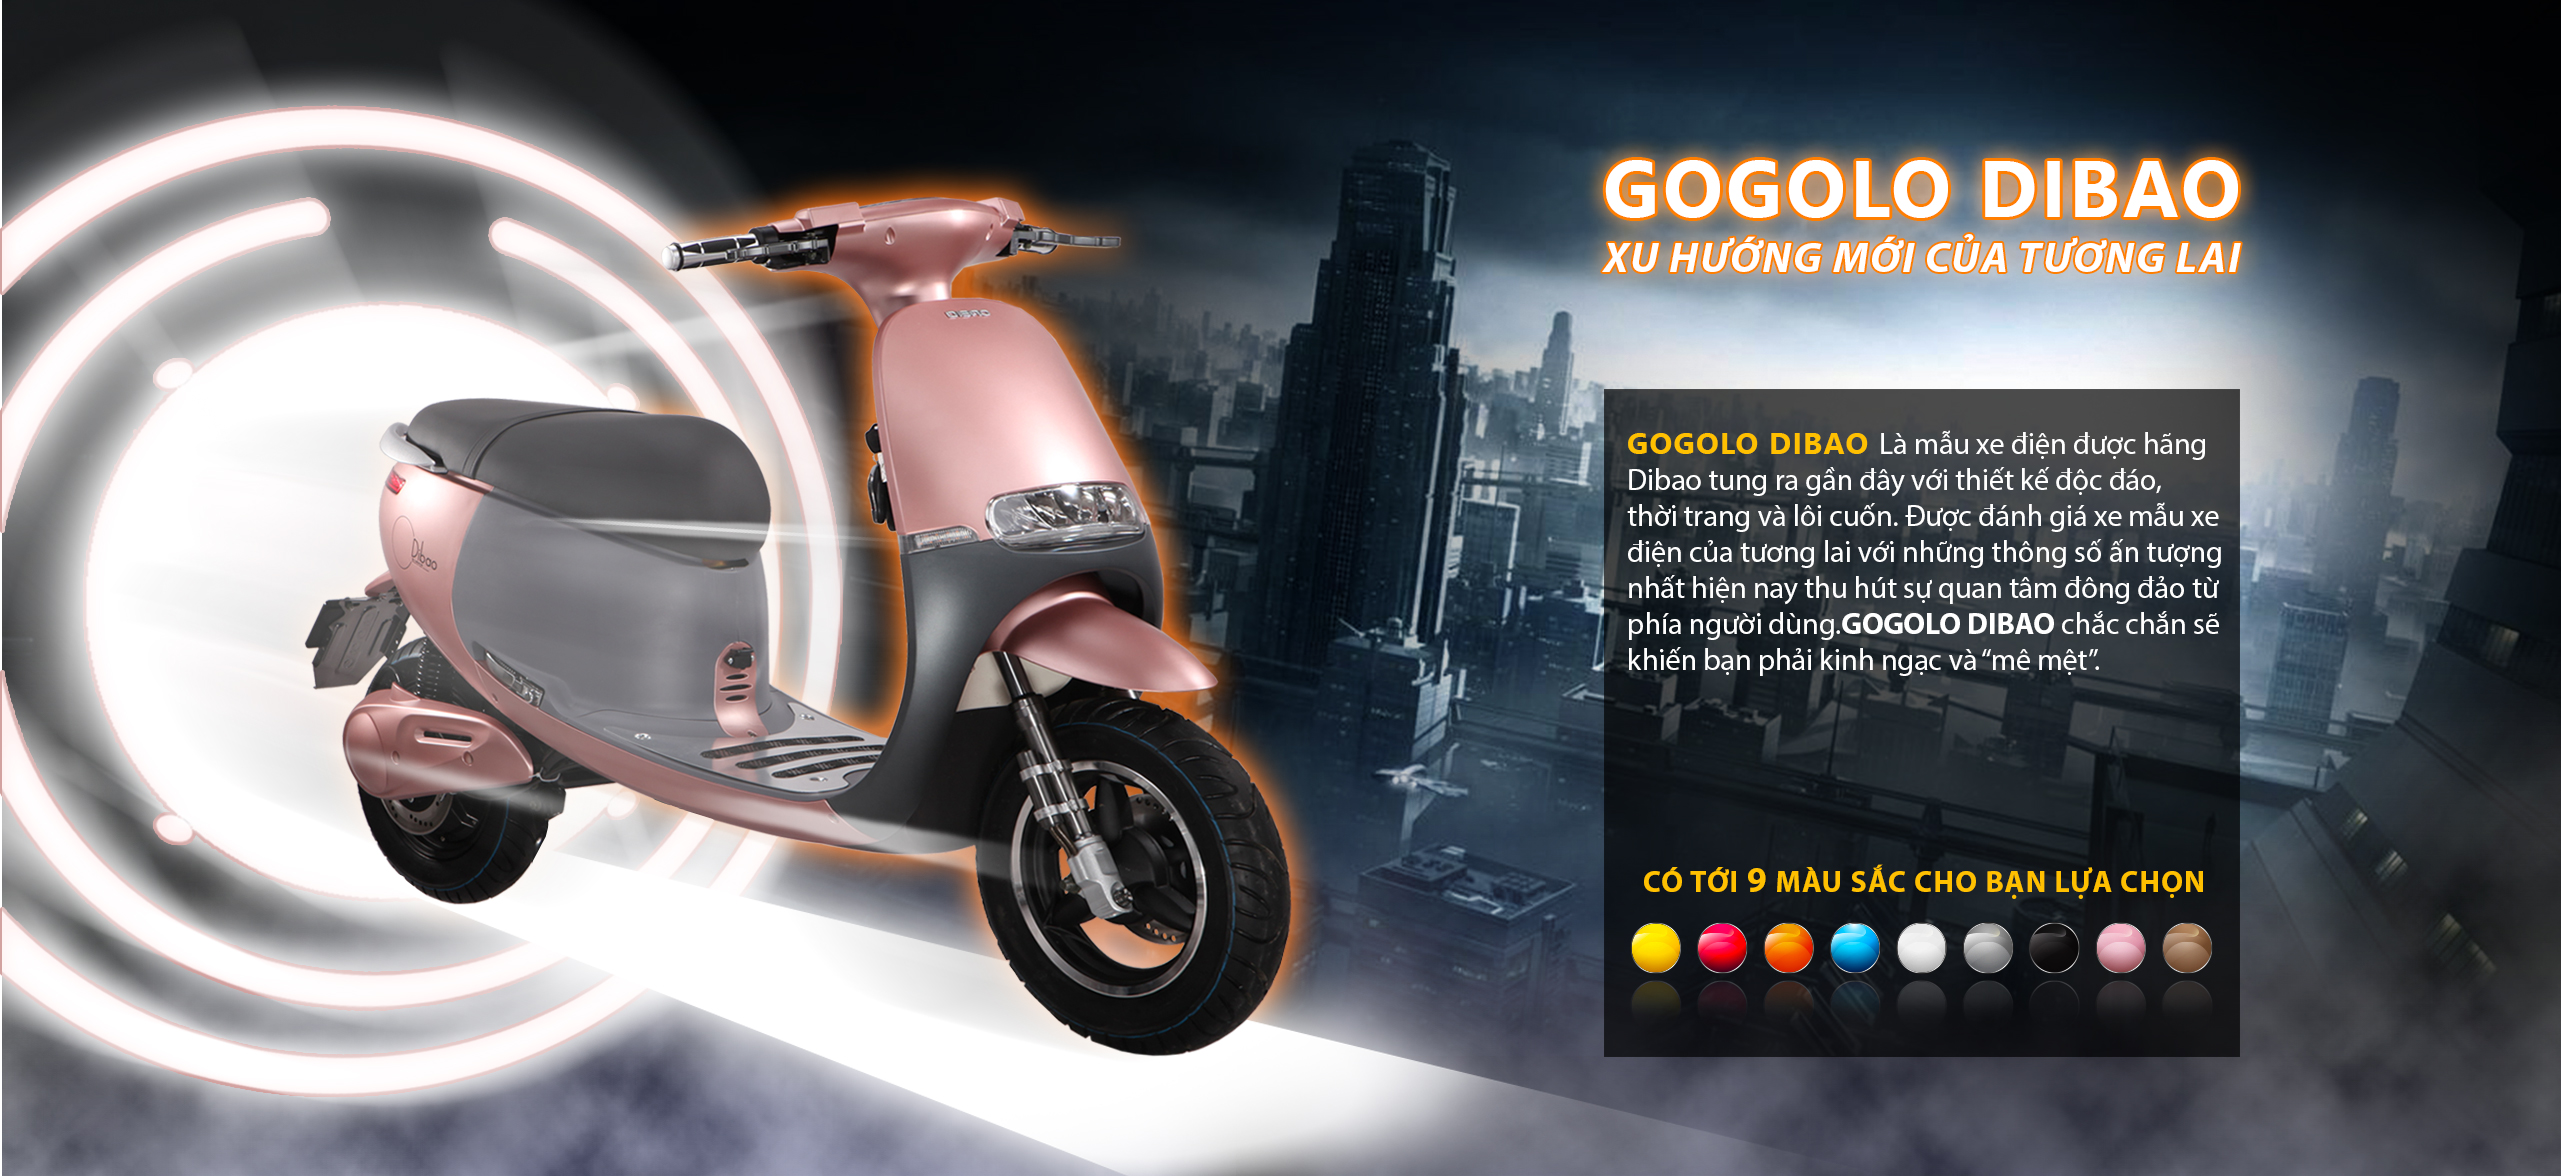 Xe điện Gogolo Dibao và những công dụng tuyệt vời